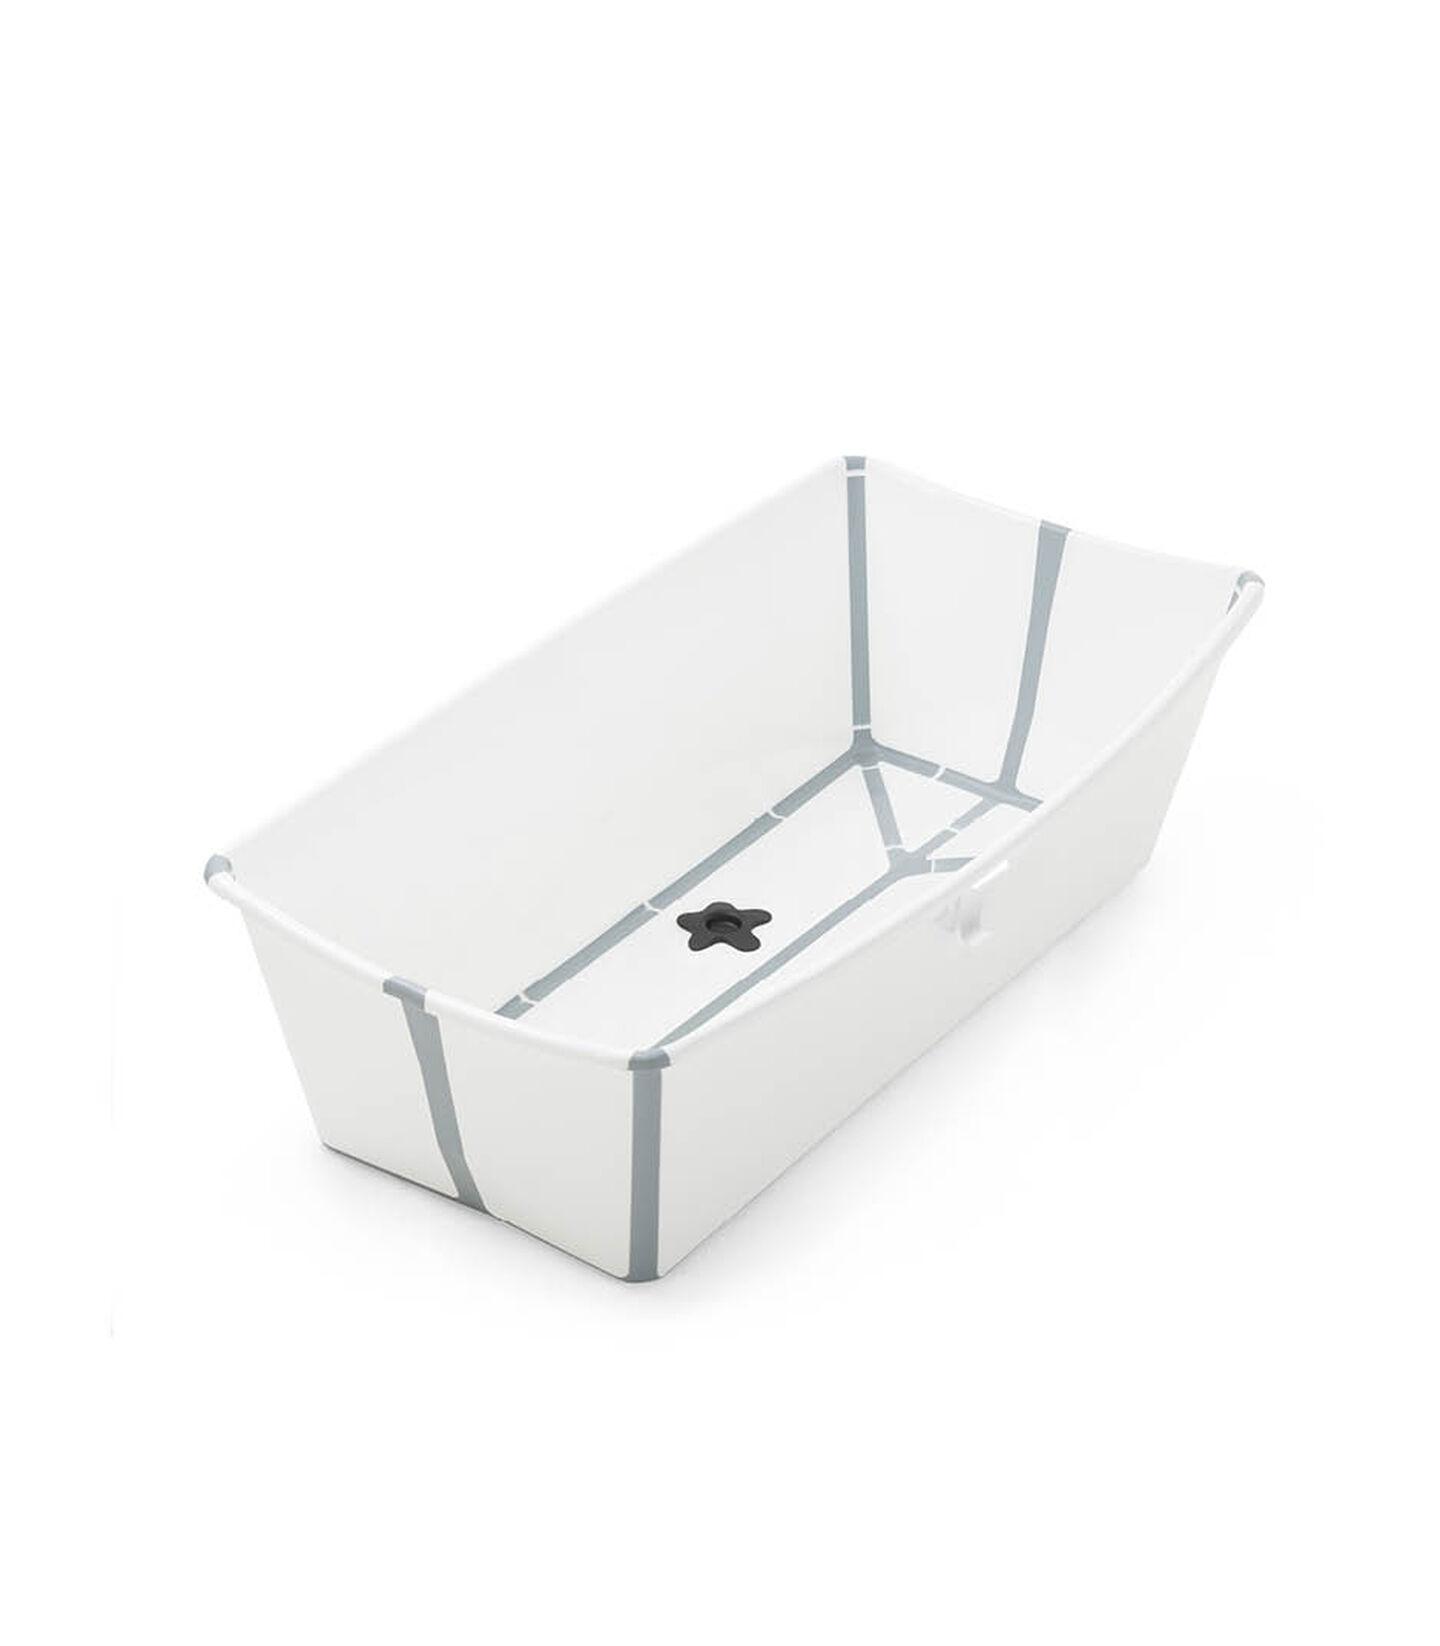 Stokke® Flexi Bath ® Large White, White, mainview view 2